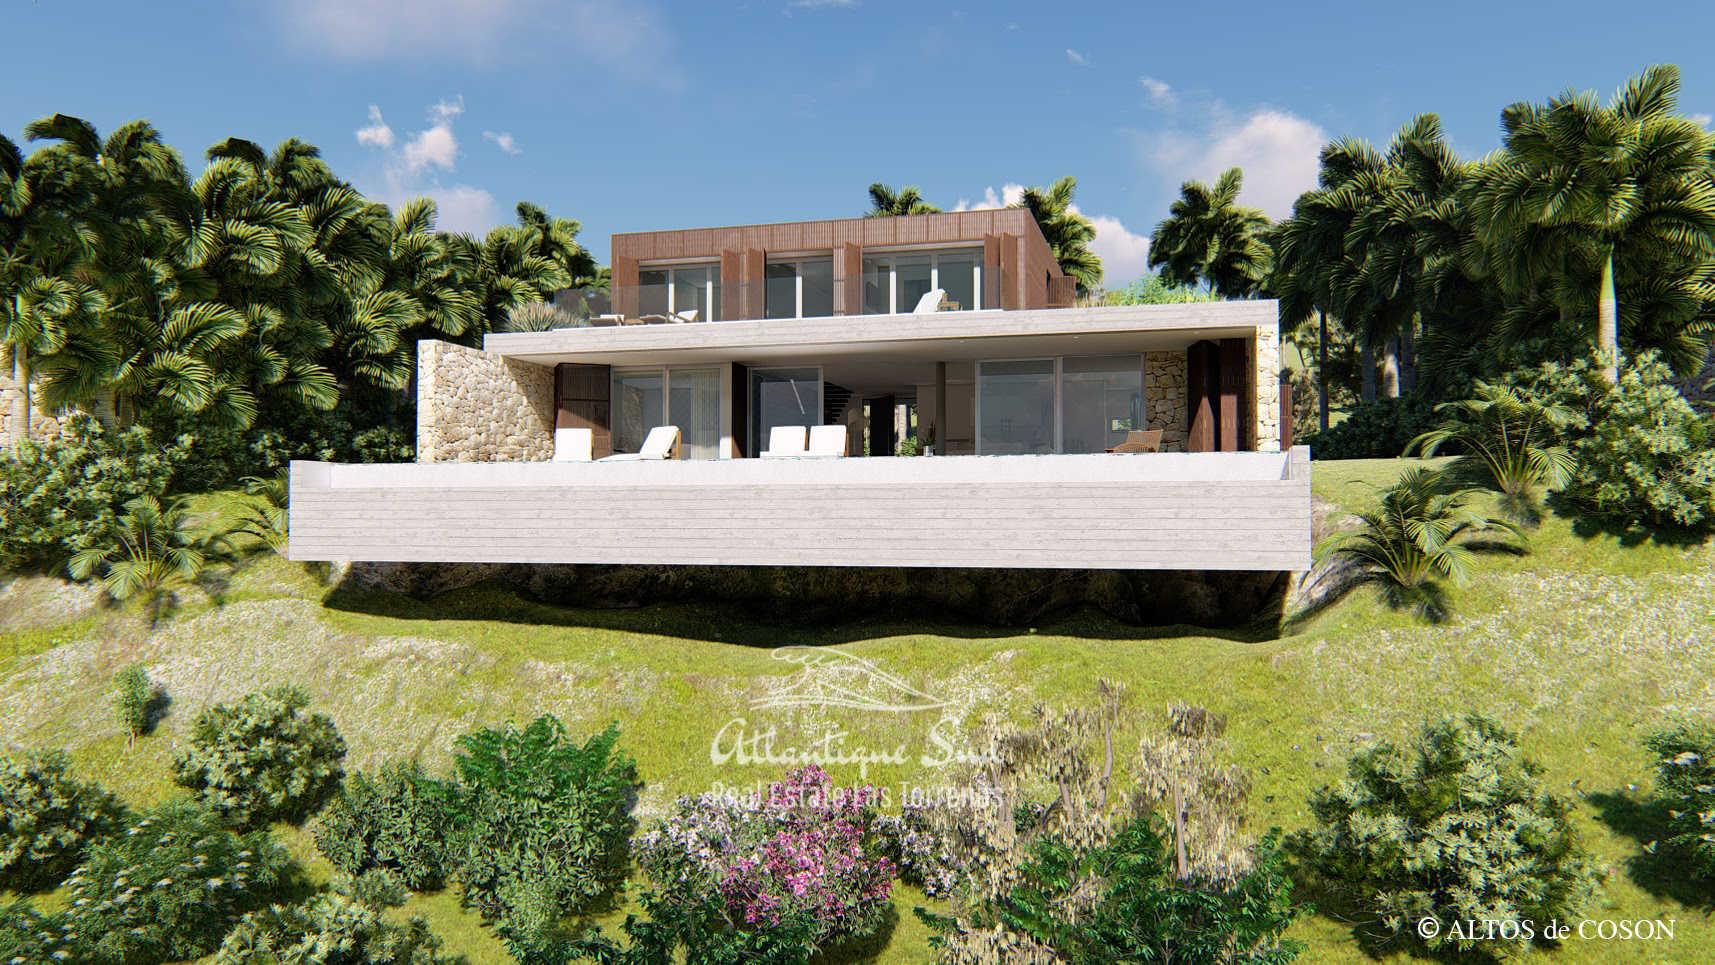 Lots with villas to build in Coson las terrenas7.jpg